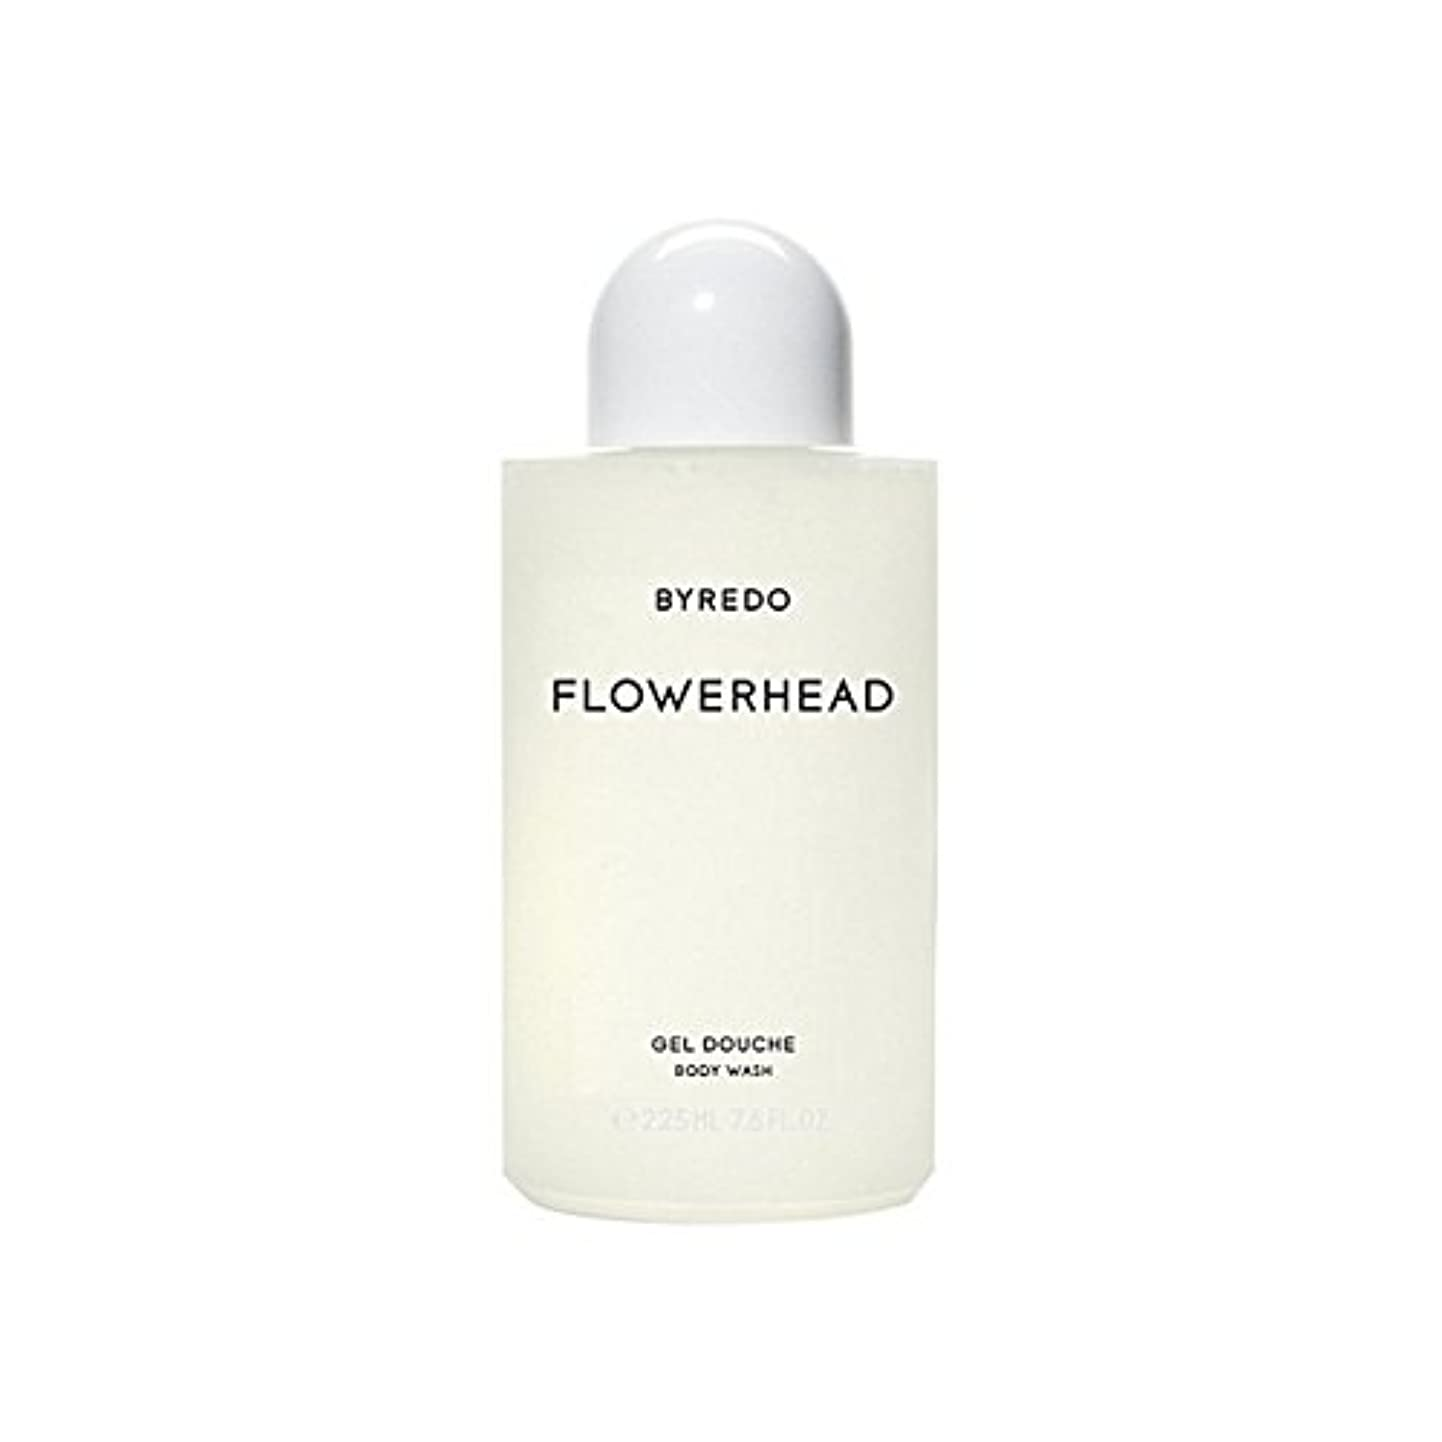 コンバーチブル軍隊ありそうByredo Flowerhead Body Wash 225ml - ボディウォッシュ225ミリリットル [並行輸入品]